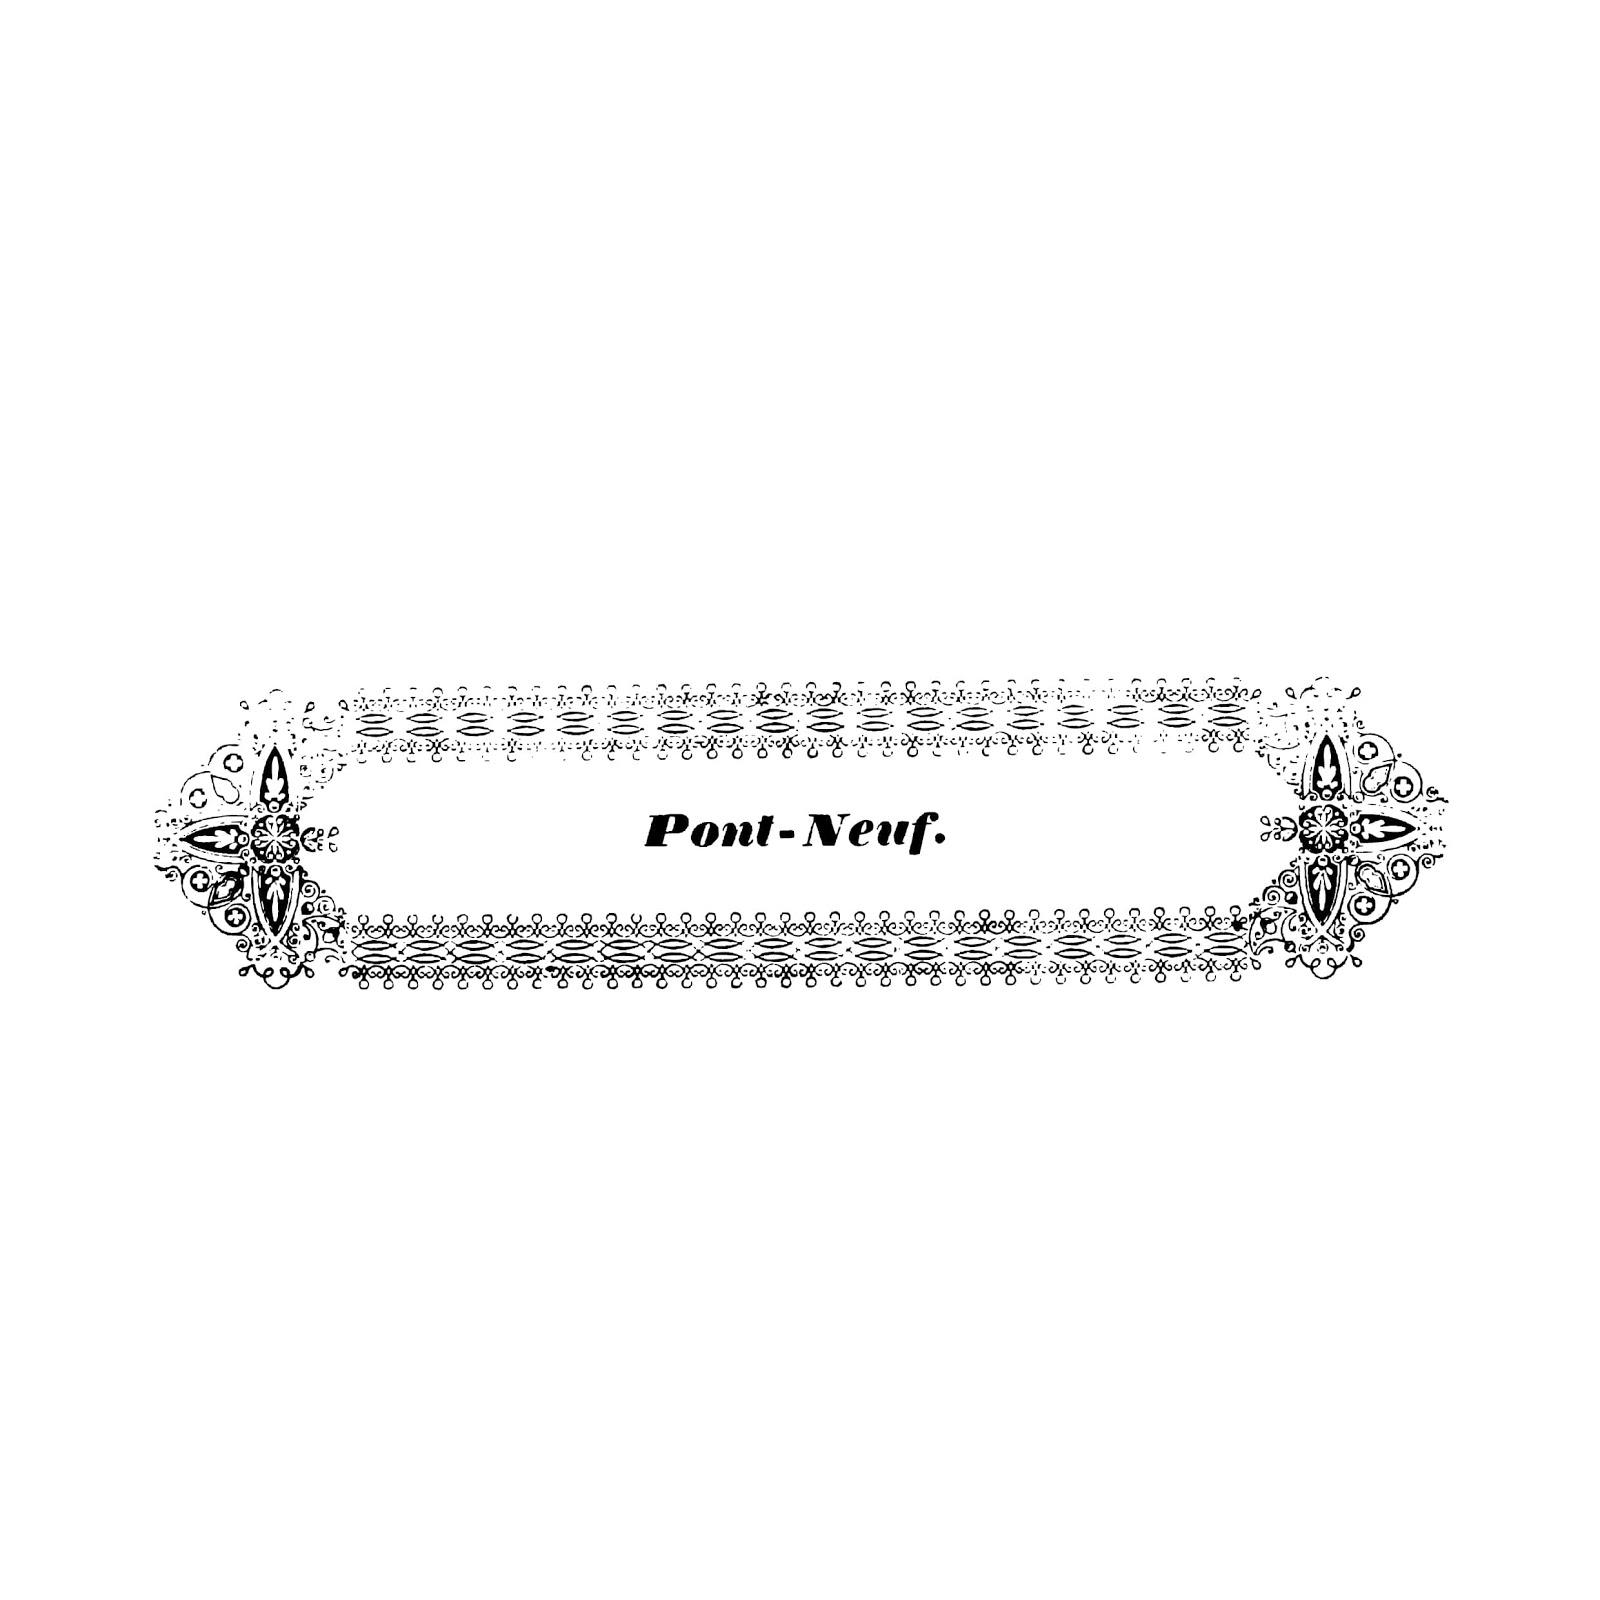 おしゃれでかわいい「装飾用飾り枠」pop用テンプレート004イラスト素材